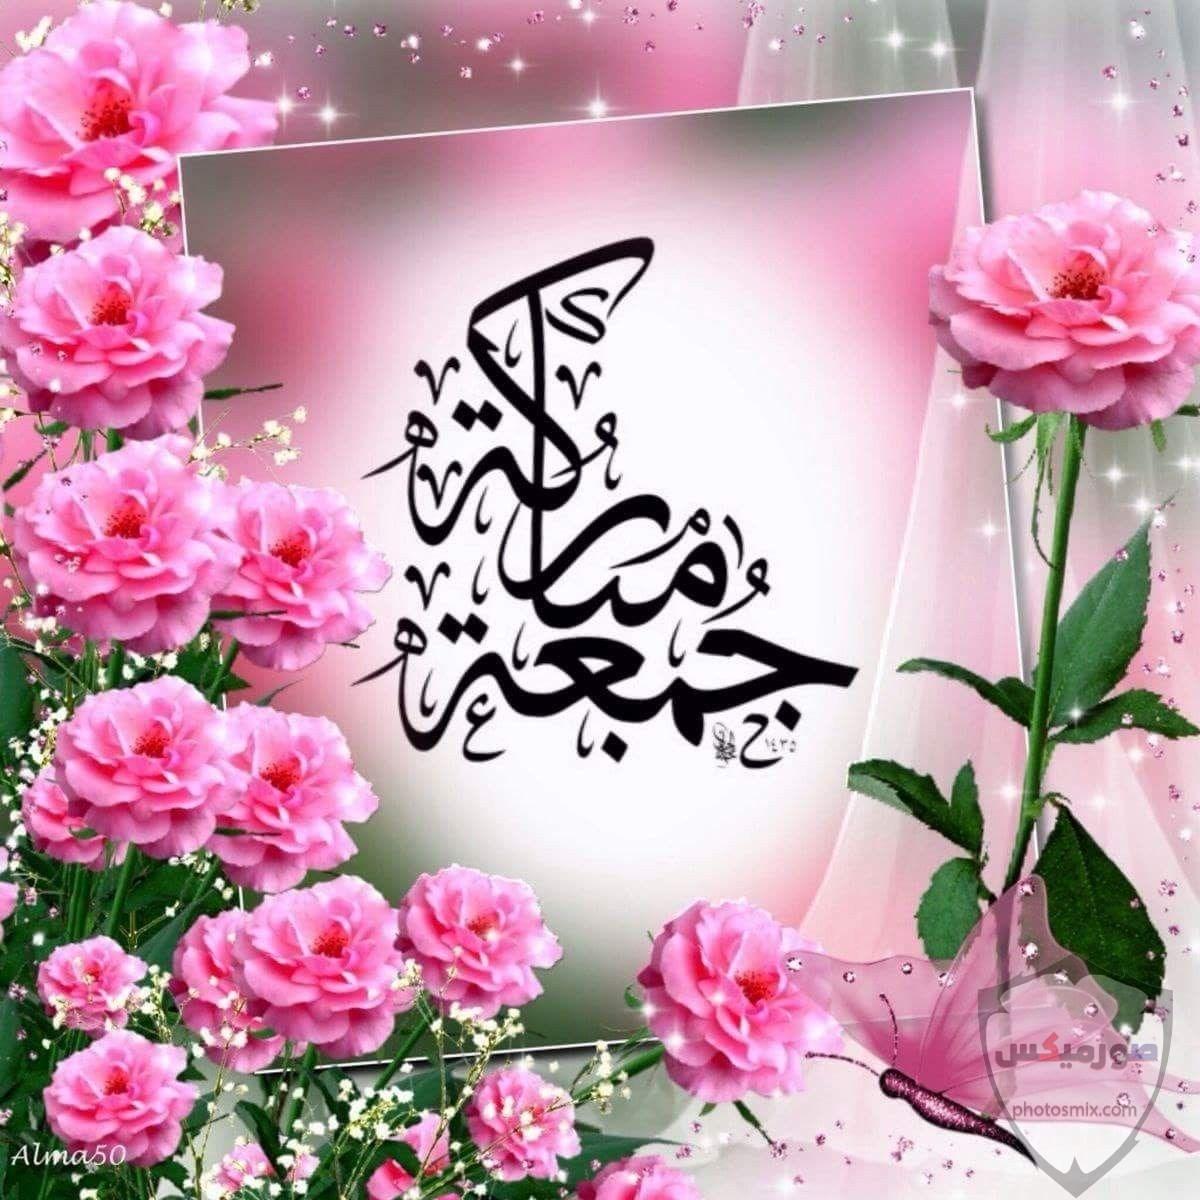 جمعة مباركة صور جمعة مباركه 2020 ادعية يوم الجمعه مصورة مكتوب عليها جمعة مباركة 22